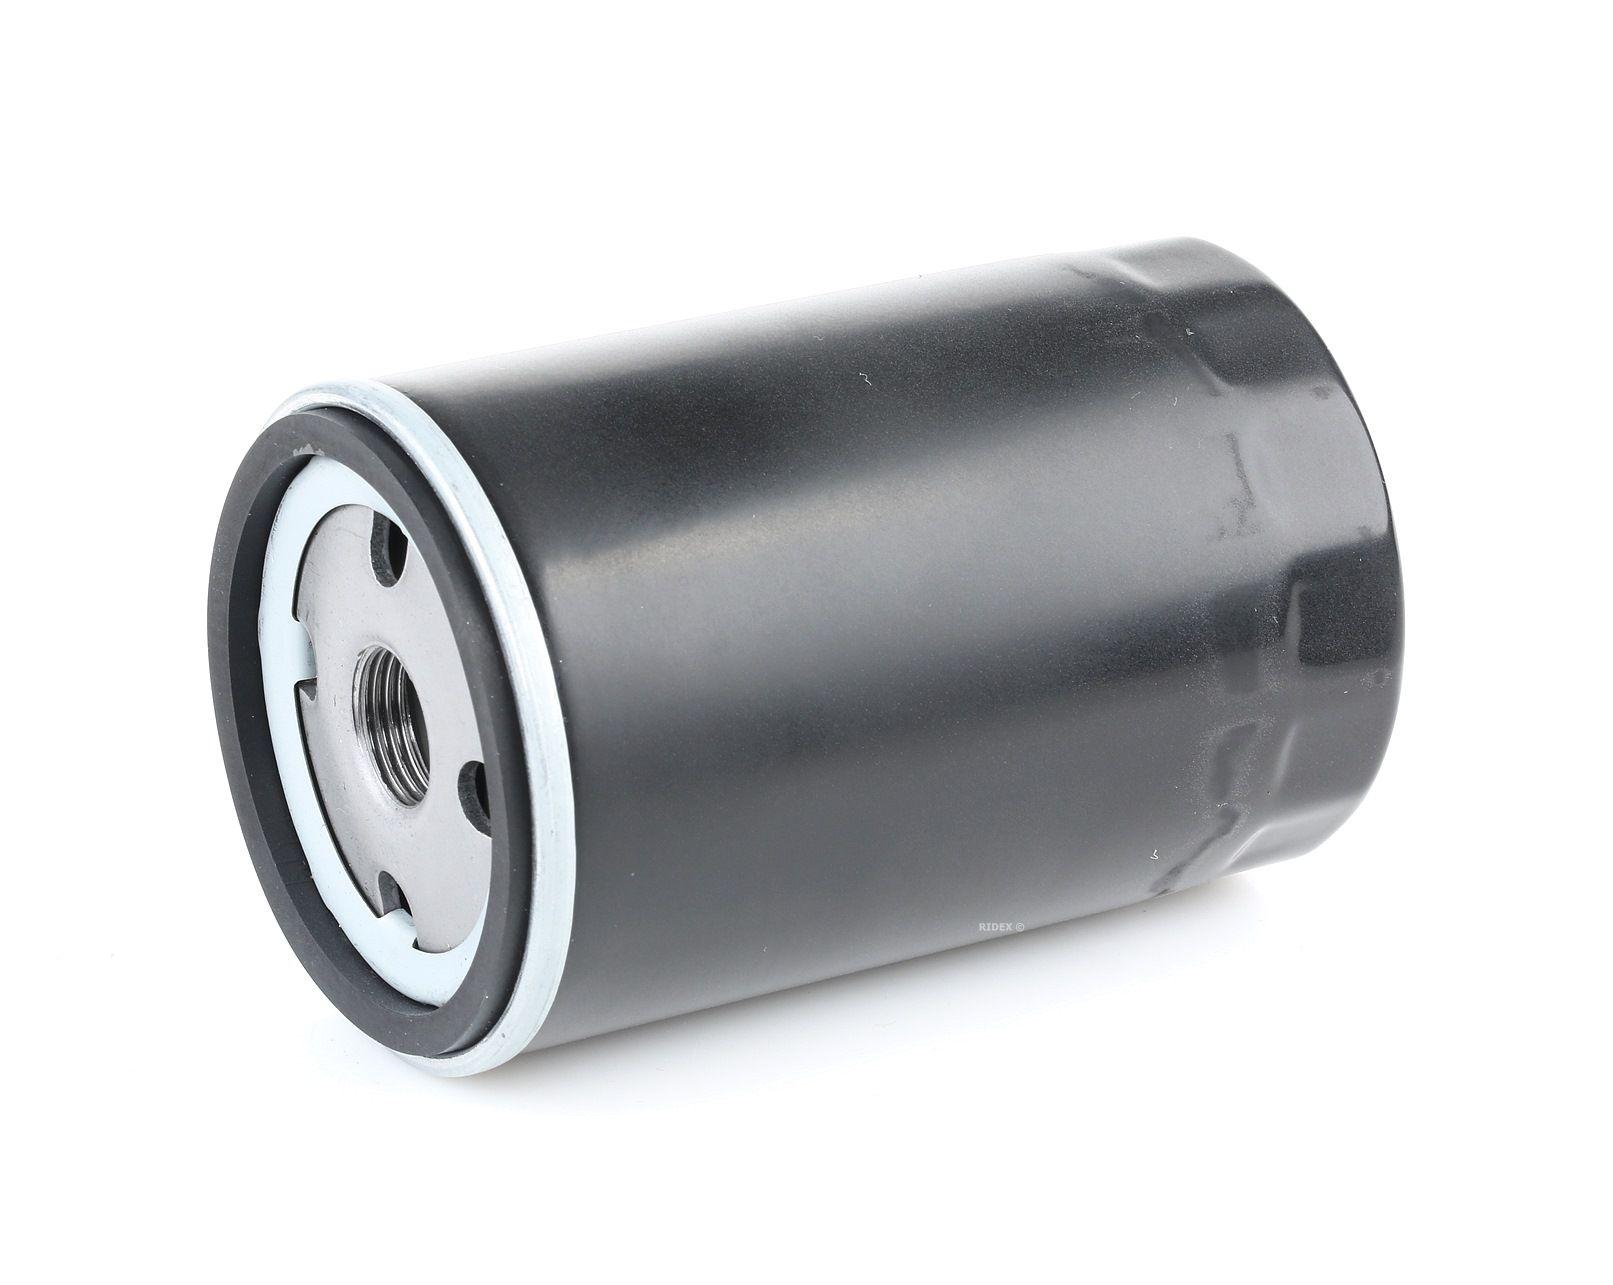 Filtre à huile 7O0100 RIDEX — seulement des pièces neuves